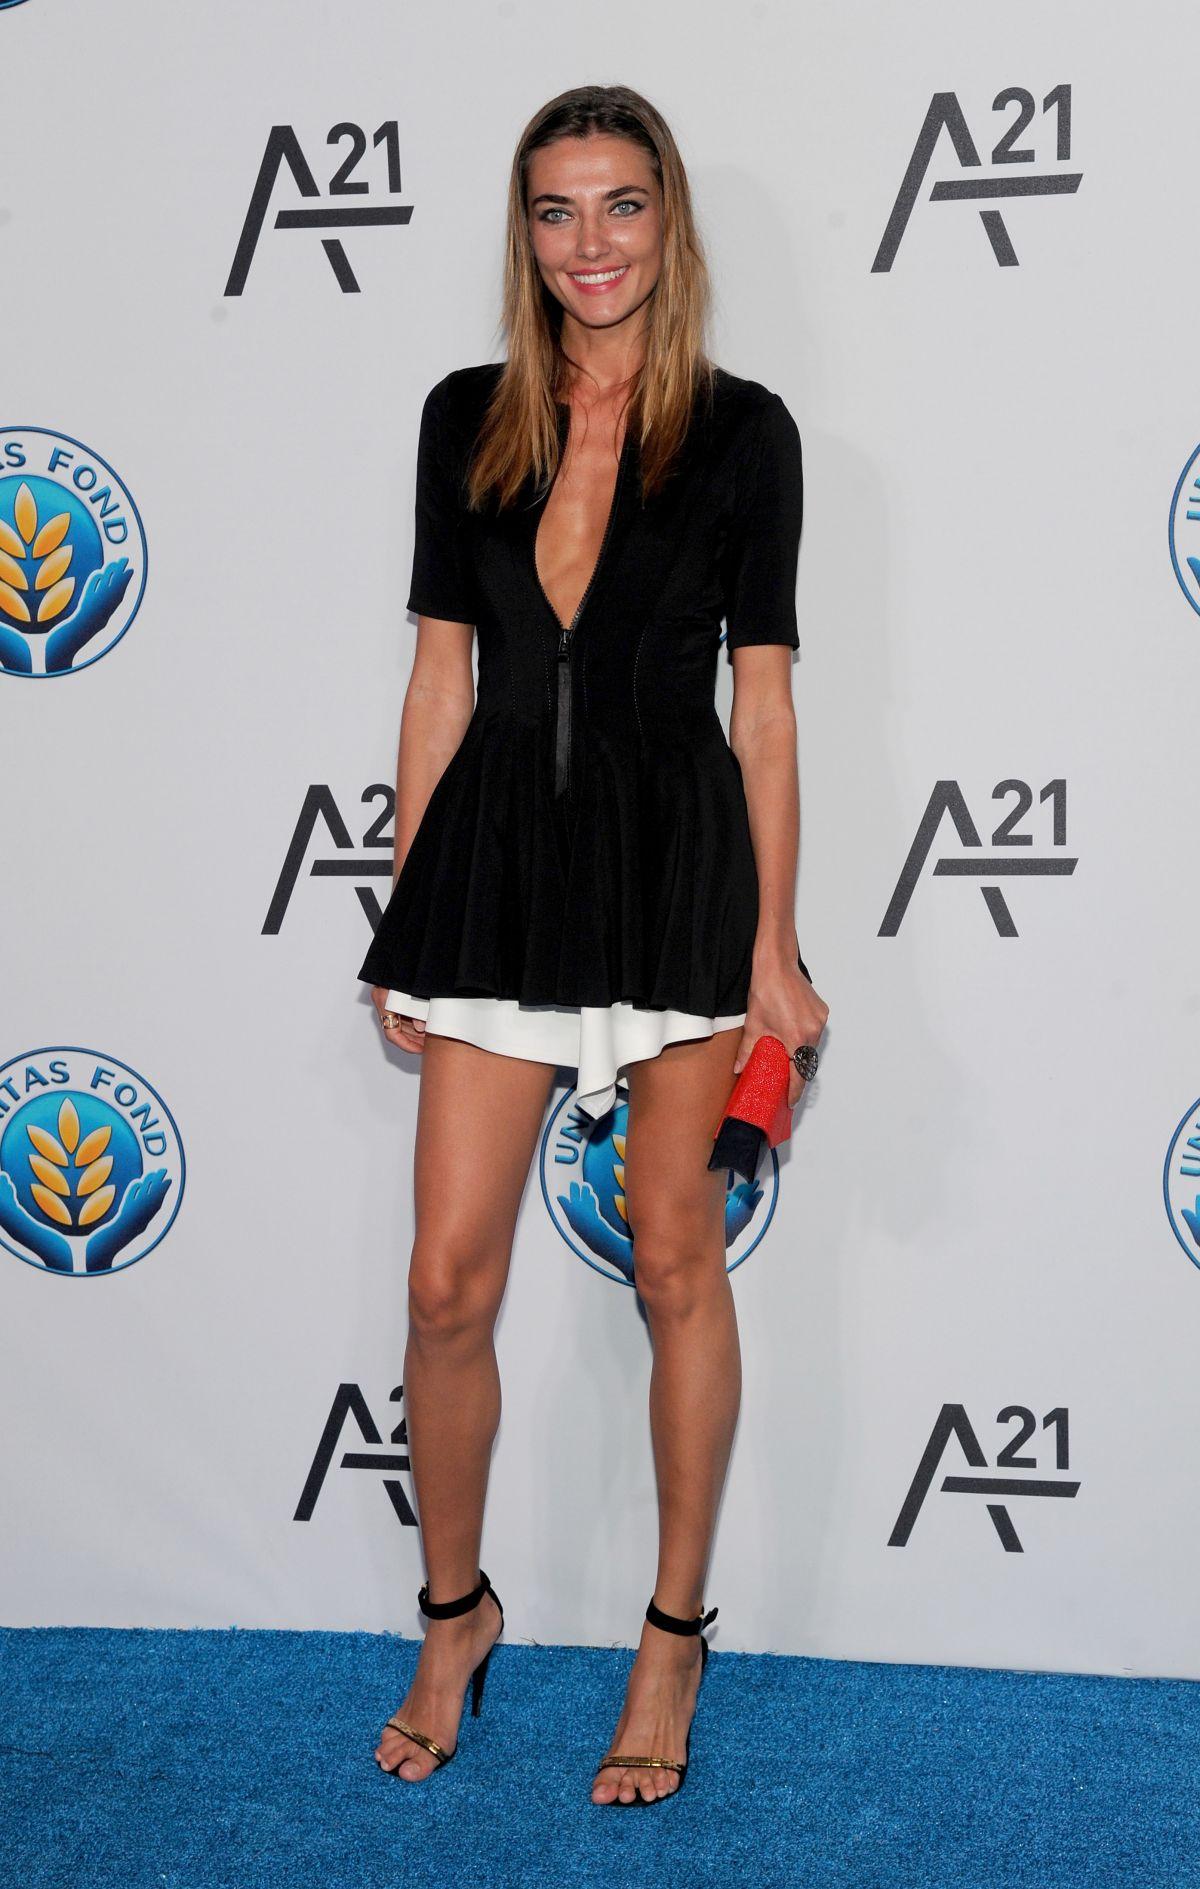 Feet Alina Baikova nude (11 pics), Hot